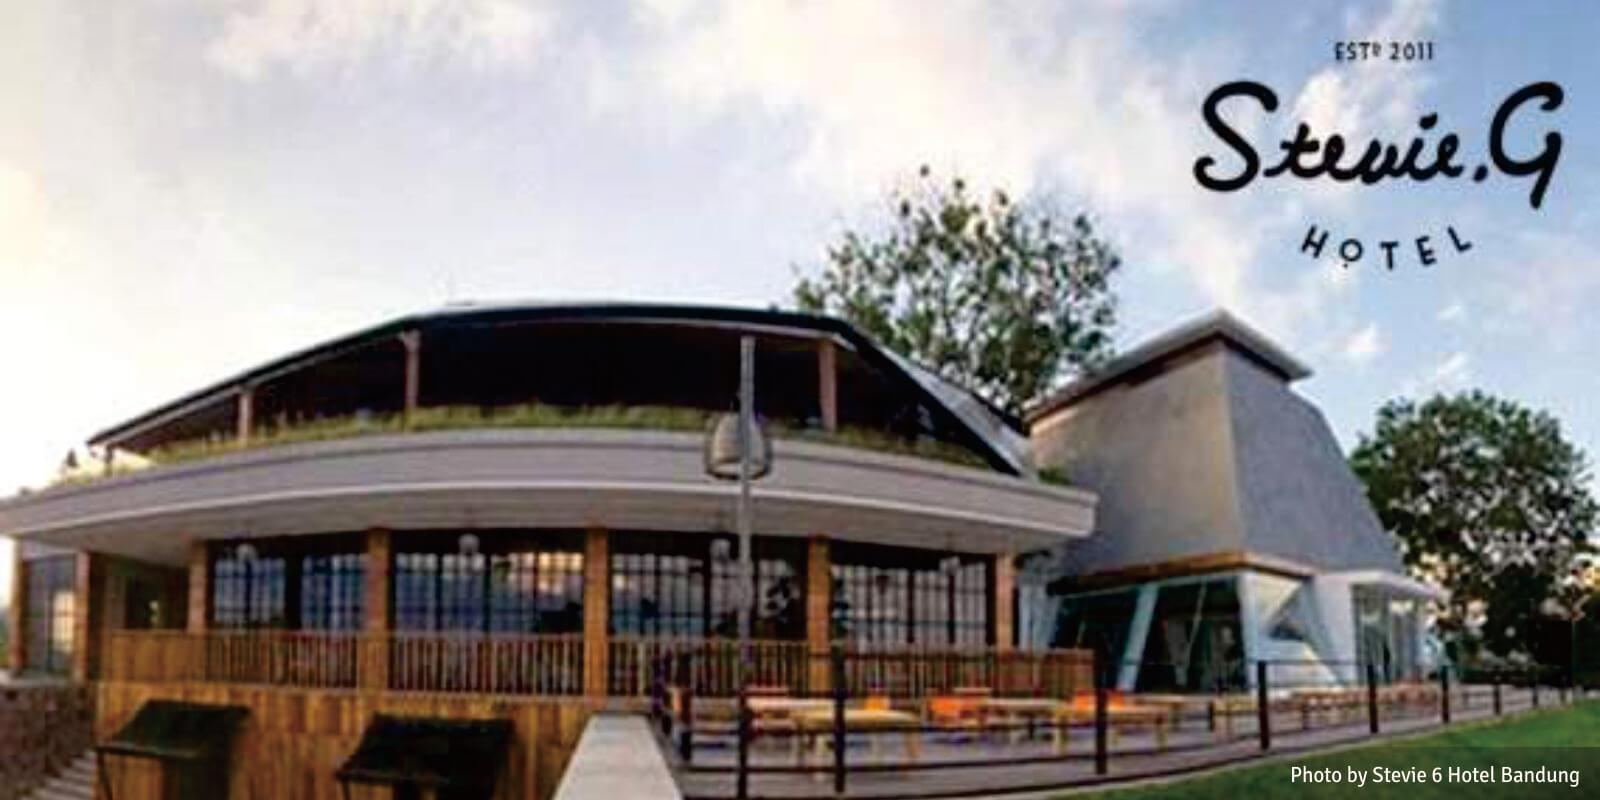 Stevie 6 Hotel Bandung Lembaga Sertifikasi Usaha Pariwisata Museum Barli